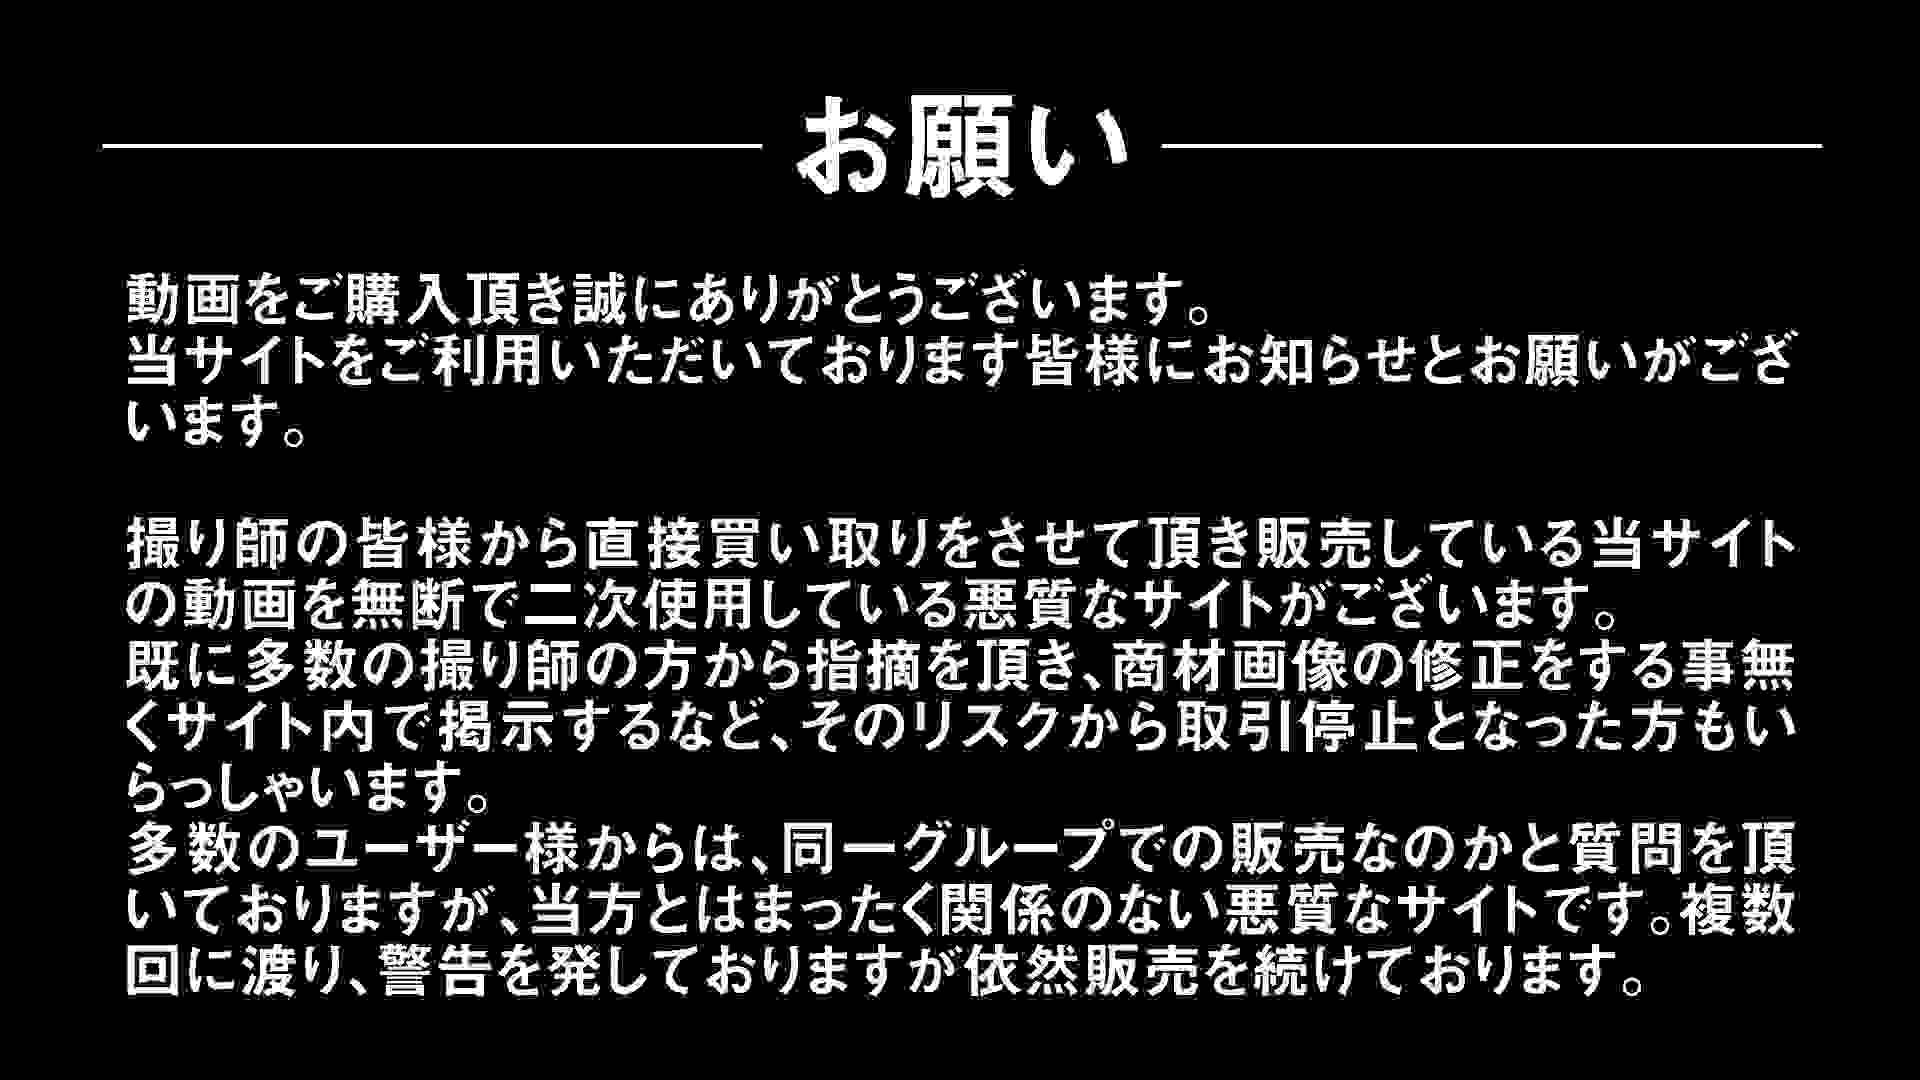 Aquaな露天風呂Vol.299 盗撮シリーズ  82PIX 20